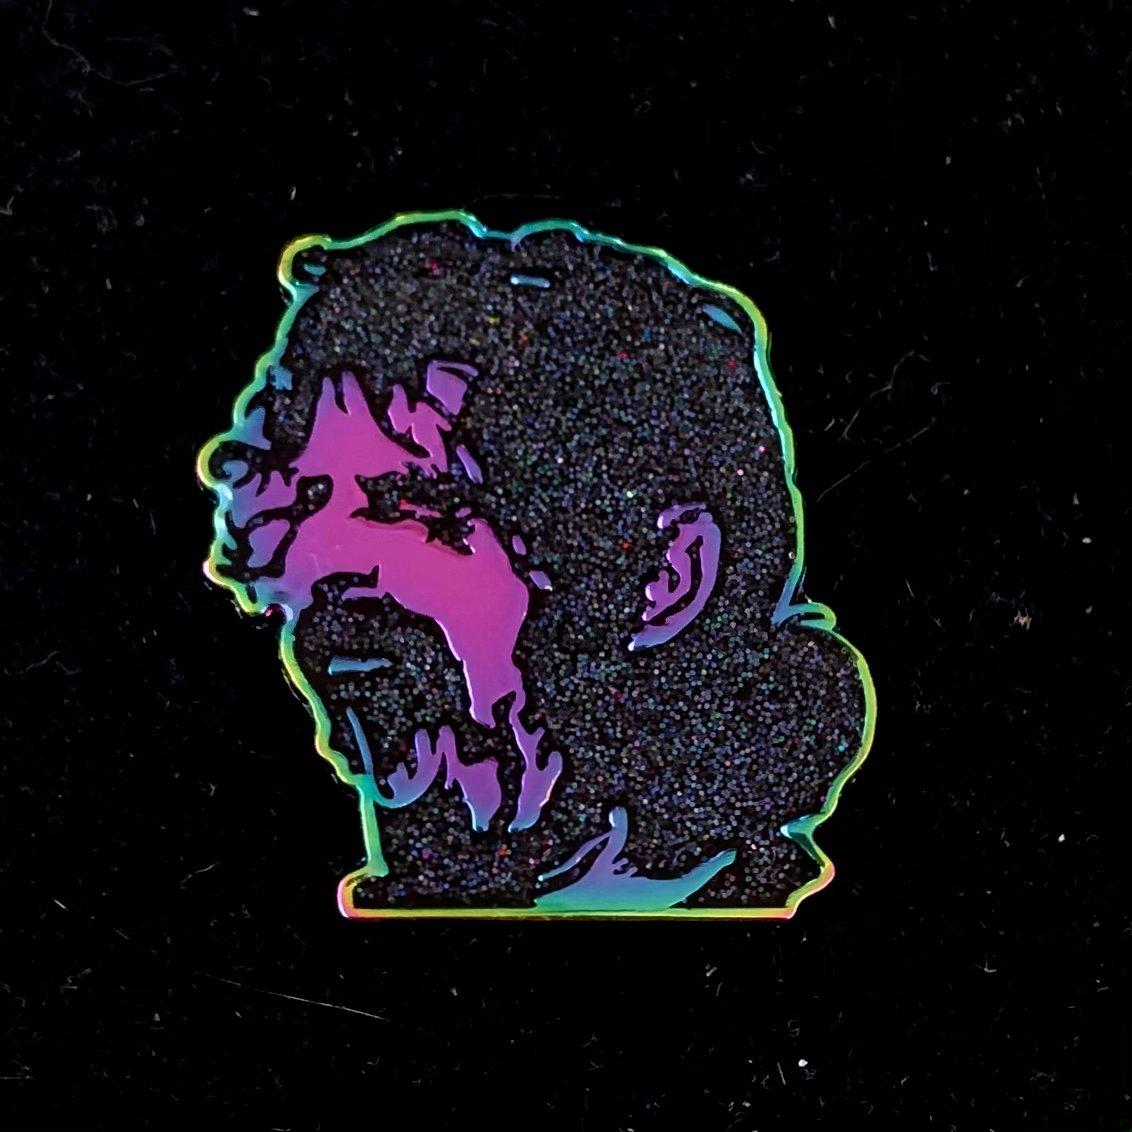 Image of Frank Zappa pins